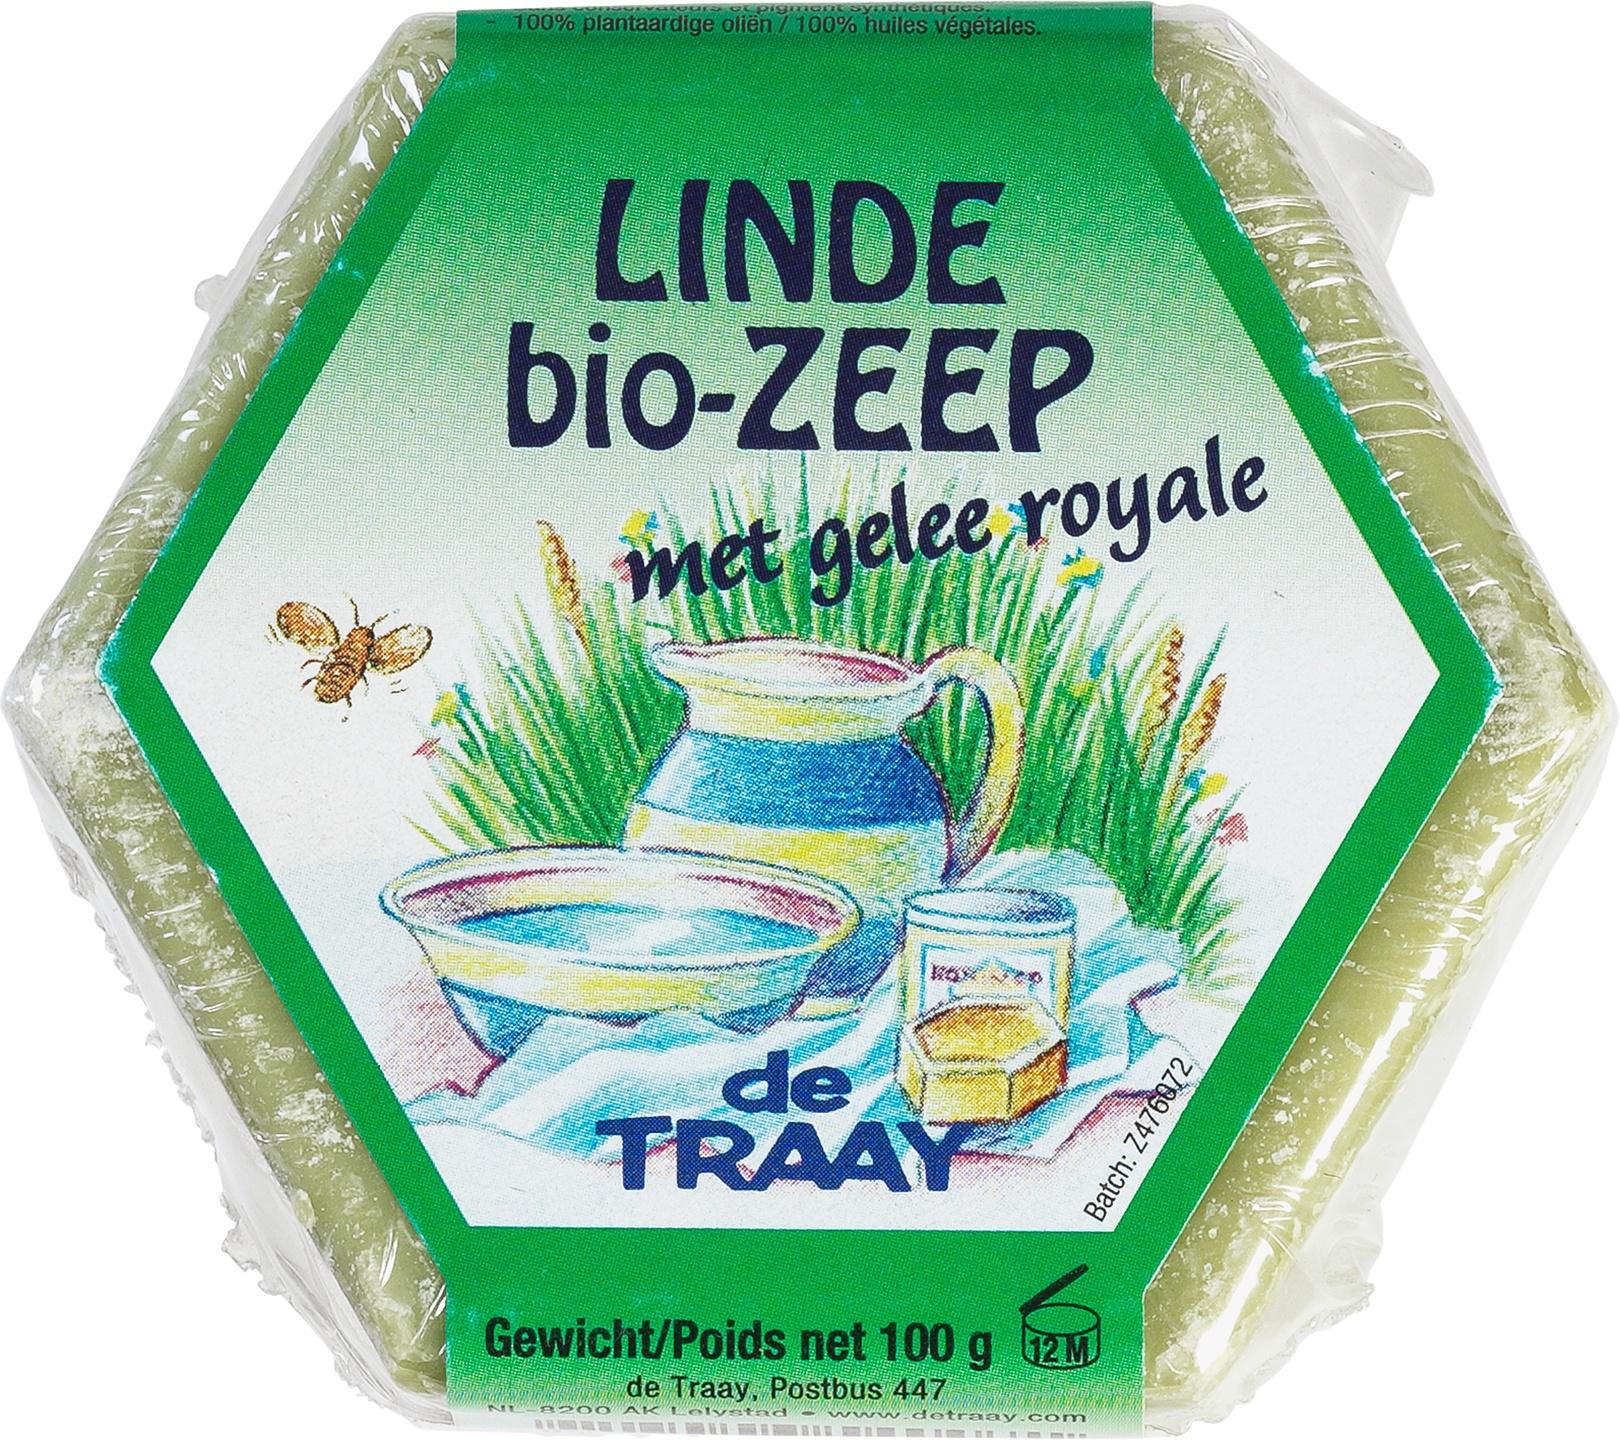 Biologische De Traay Zeeplblok linde 100 gr